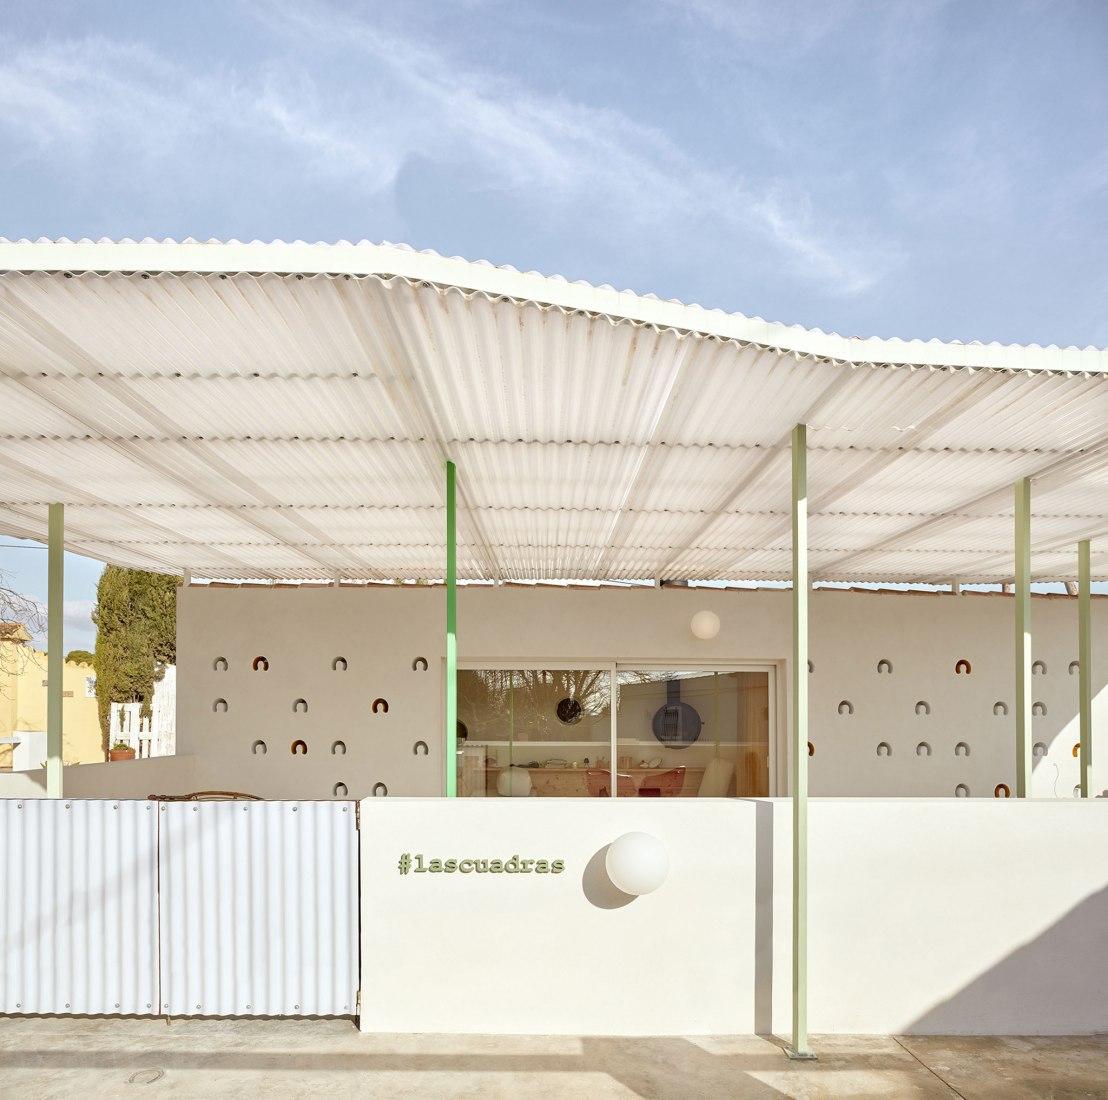 Las Cuadras by Estudio Ji Arquitectos. Photograph by Mariela Apollonio